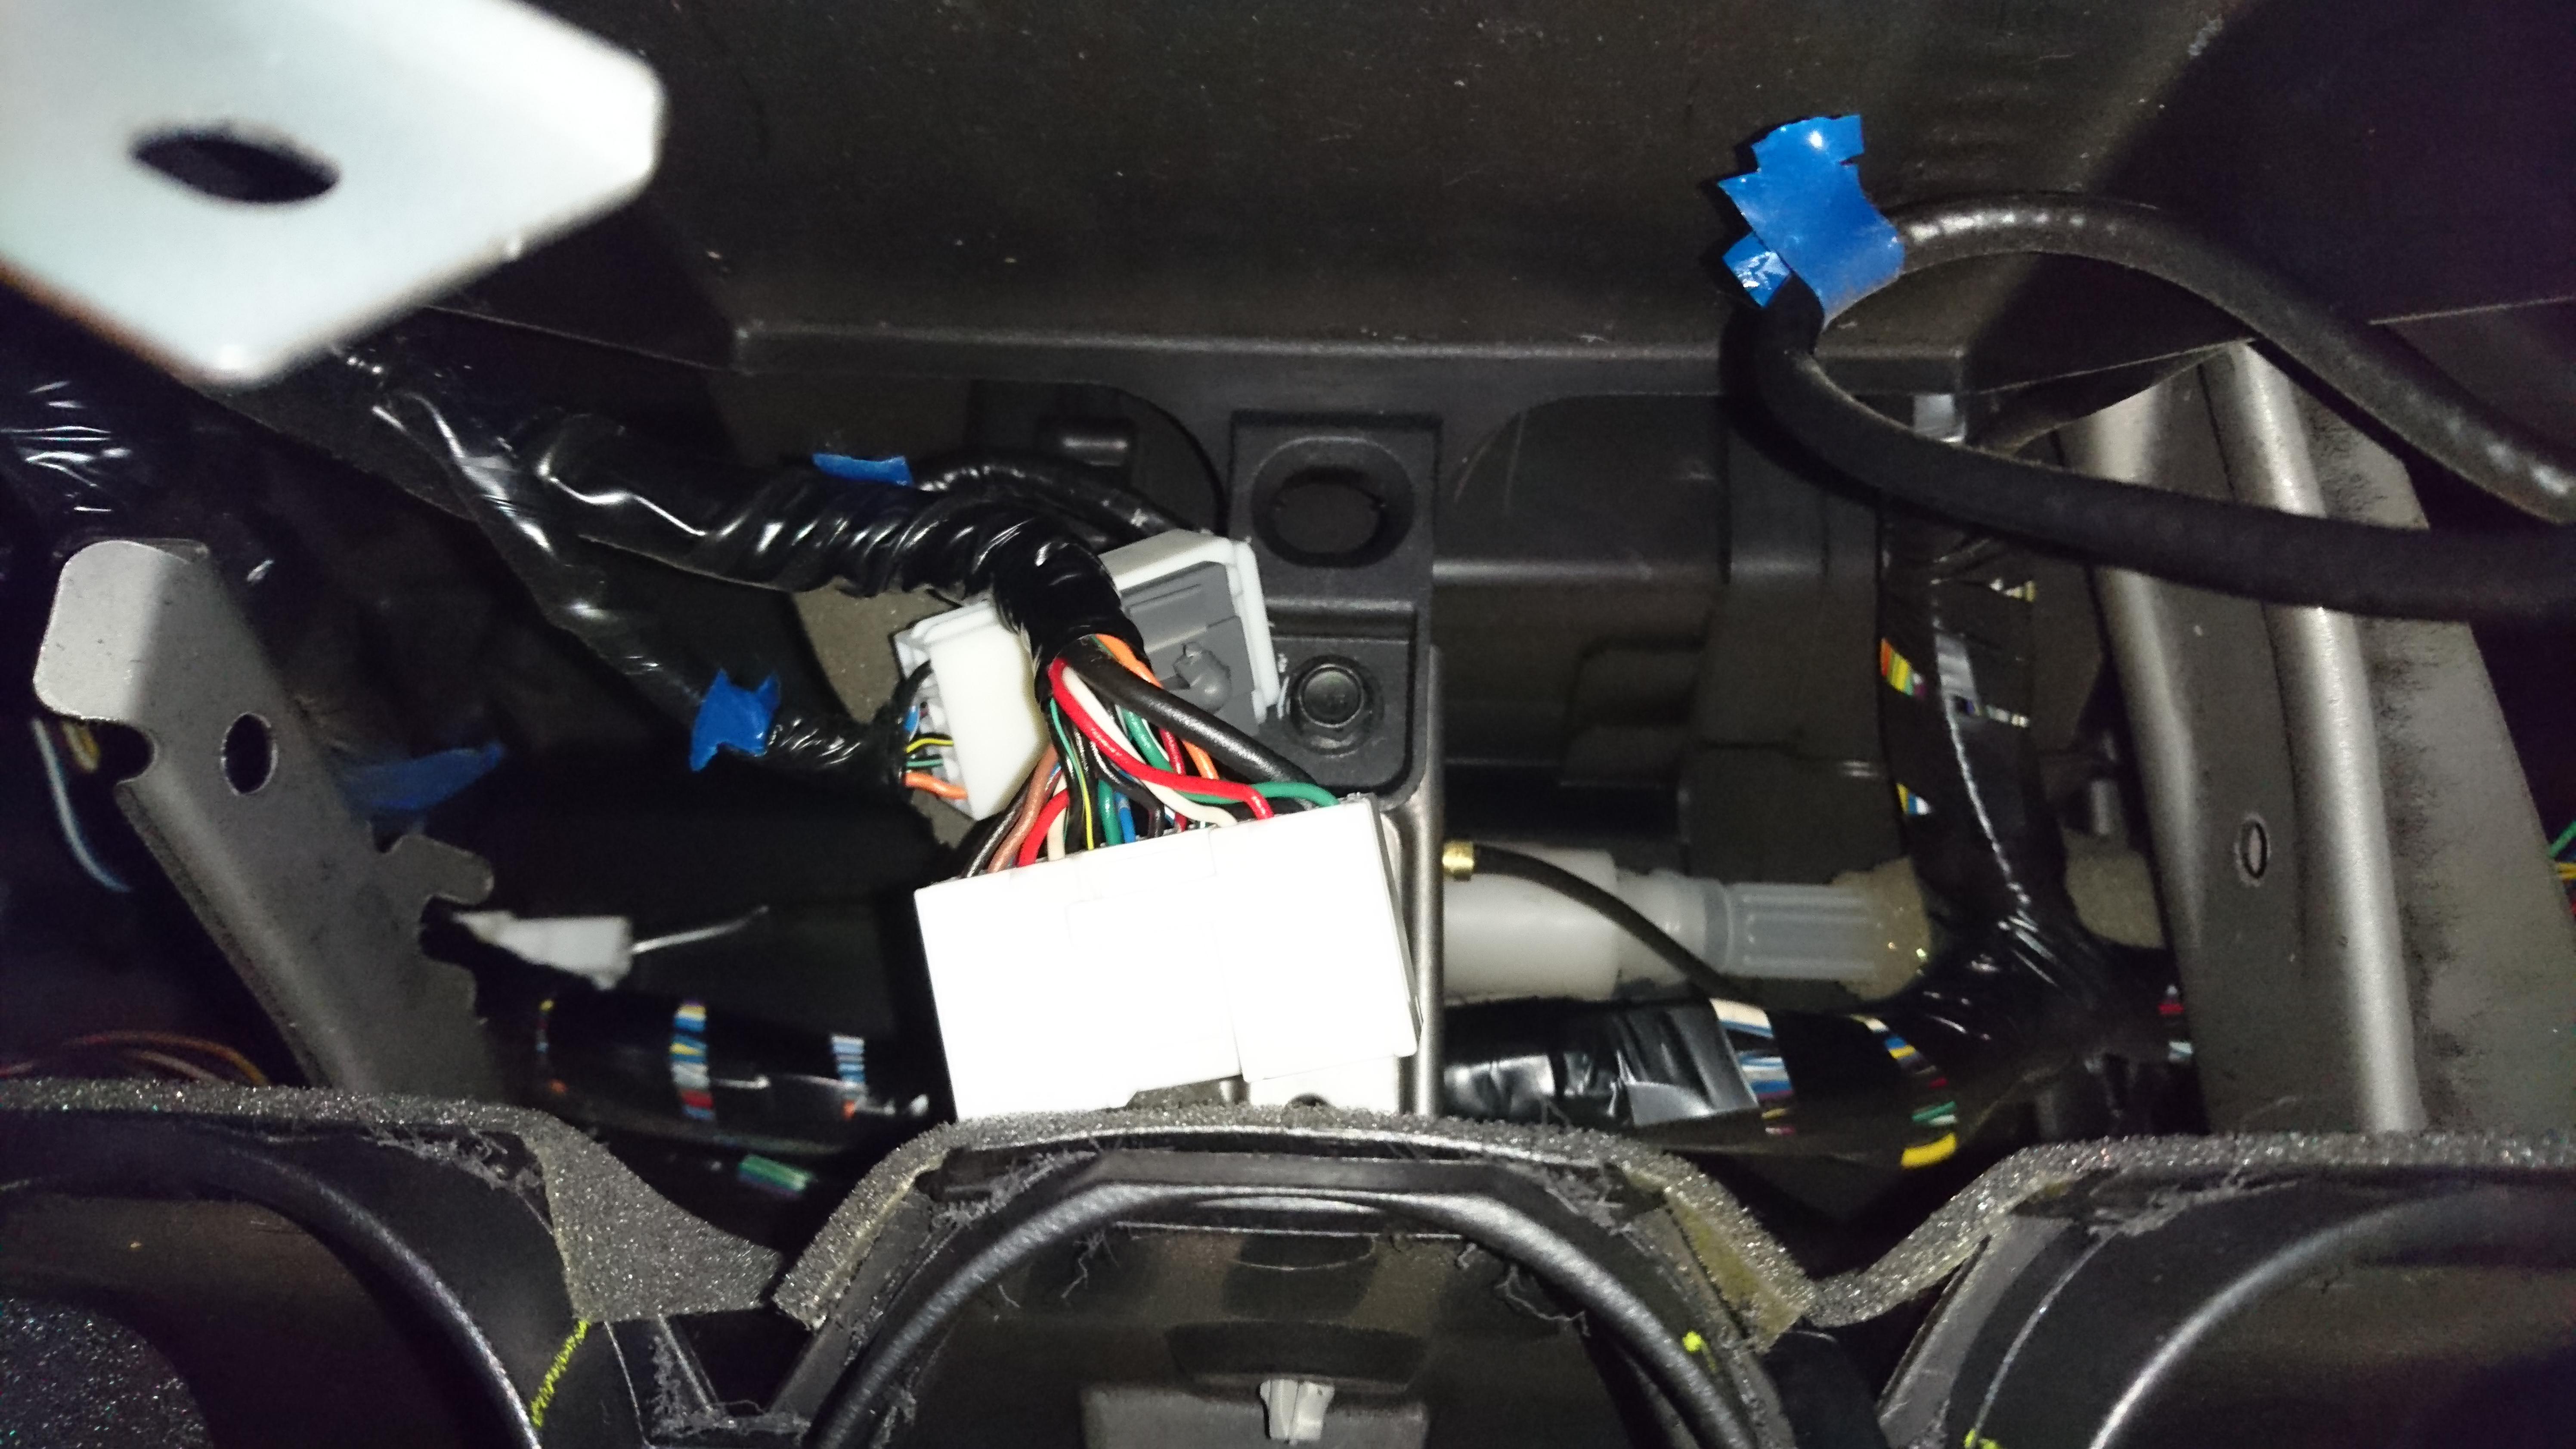 Mazda 6 GG1 BJ 2007 BOSE CAN-BUS Anschluss am Radio ja oder nein?